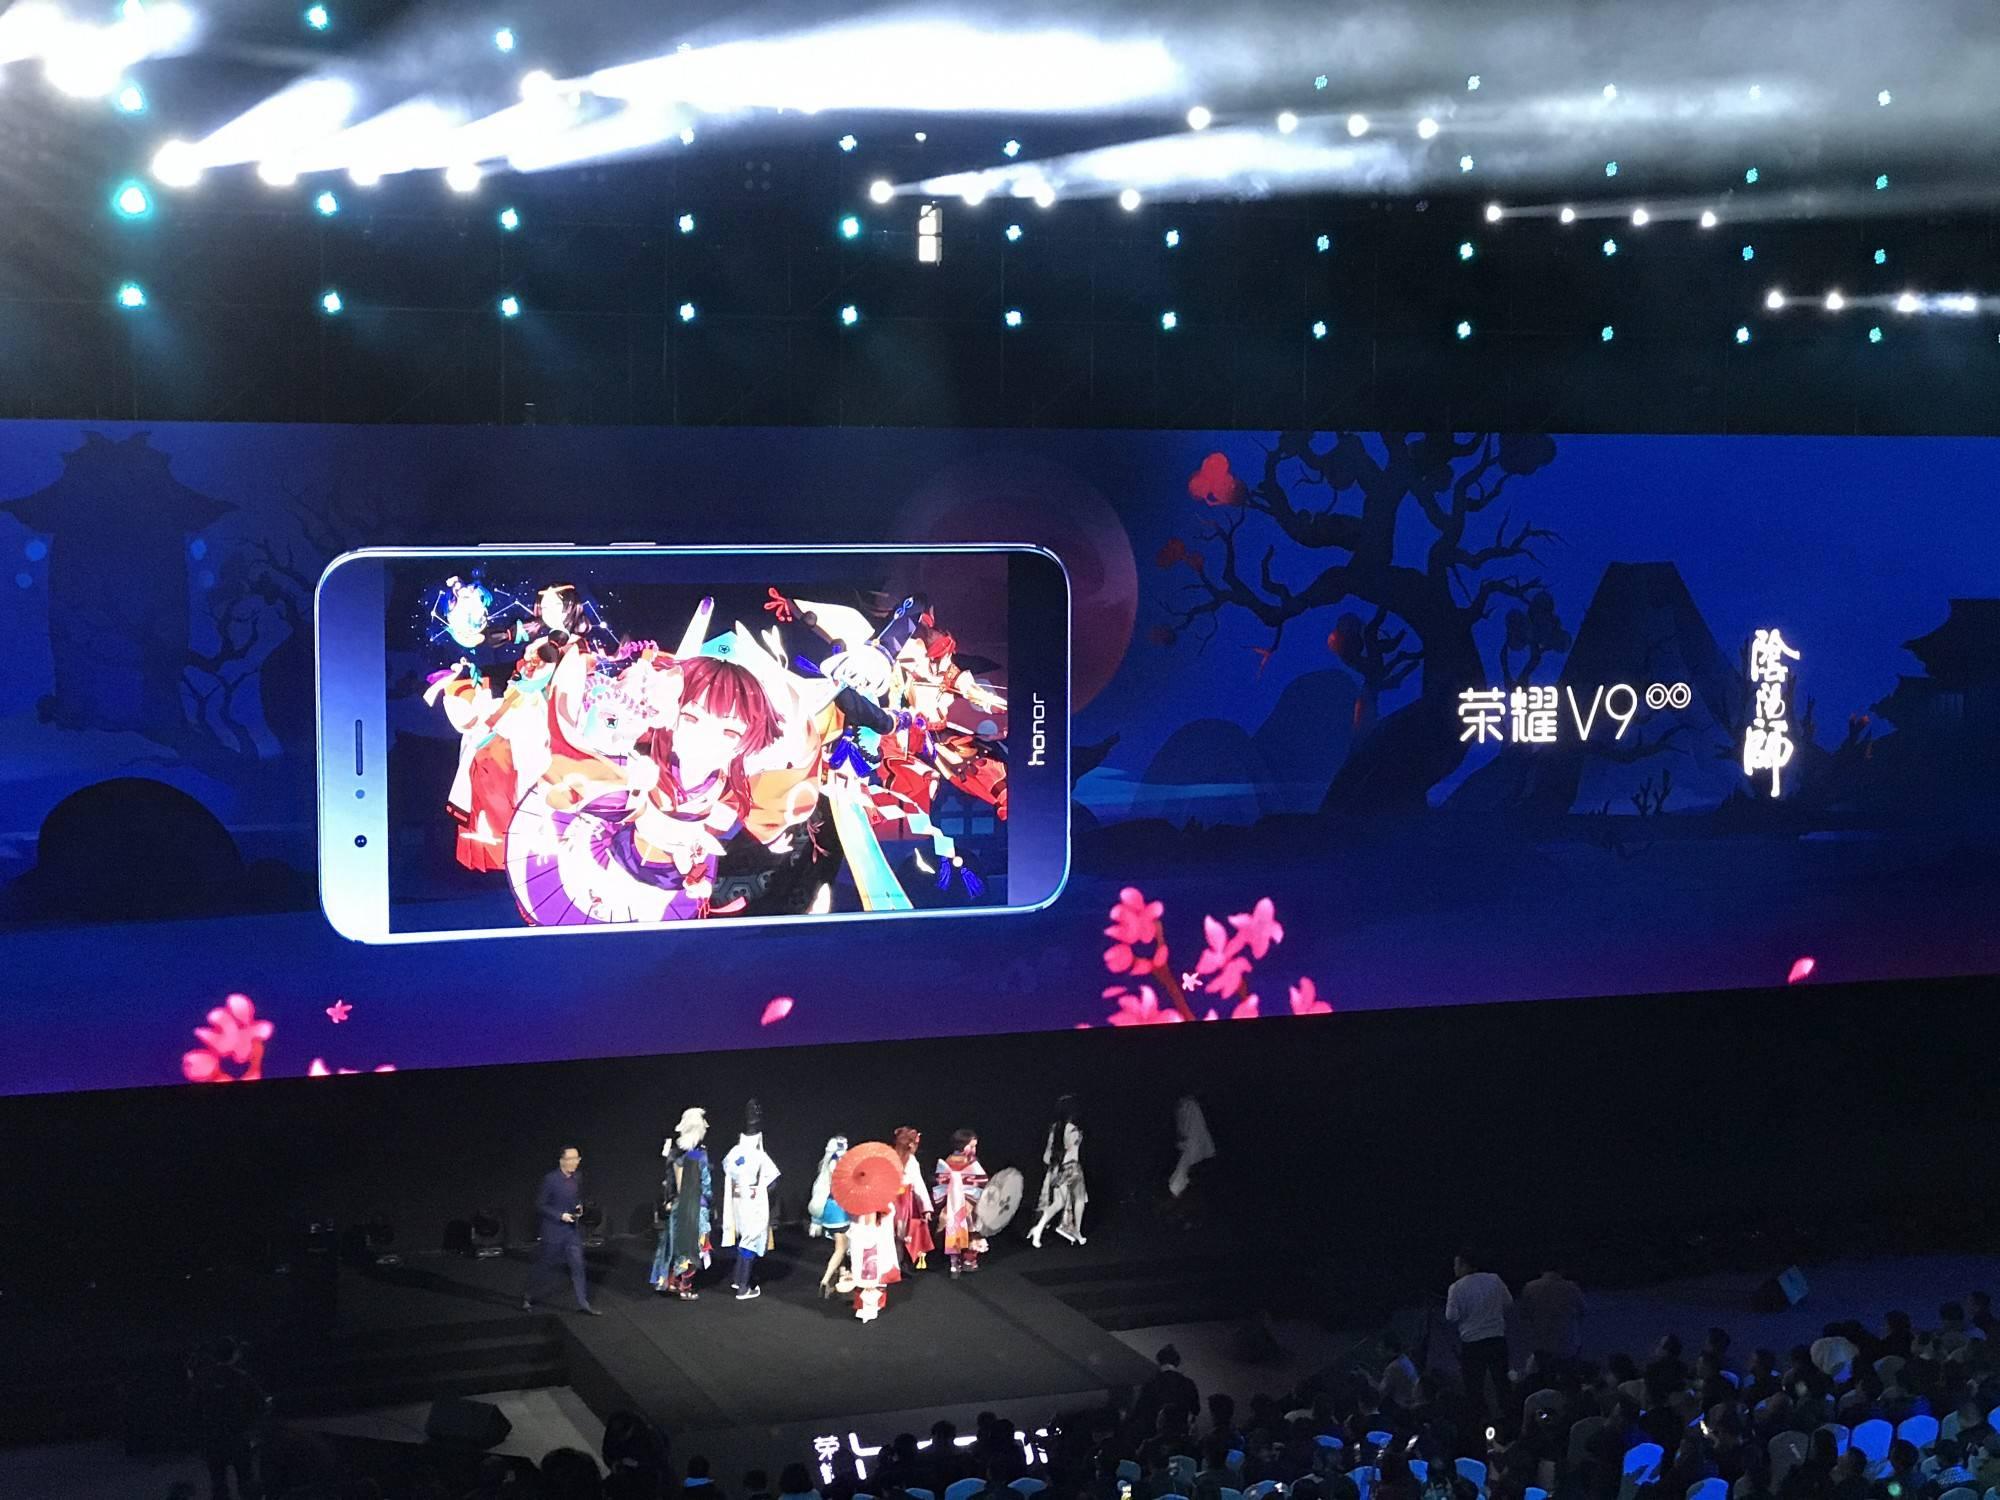 荣耀 V9 和氪金手游《阴阳师》合作,它成了后者的官方推荐用机。